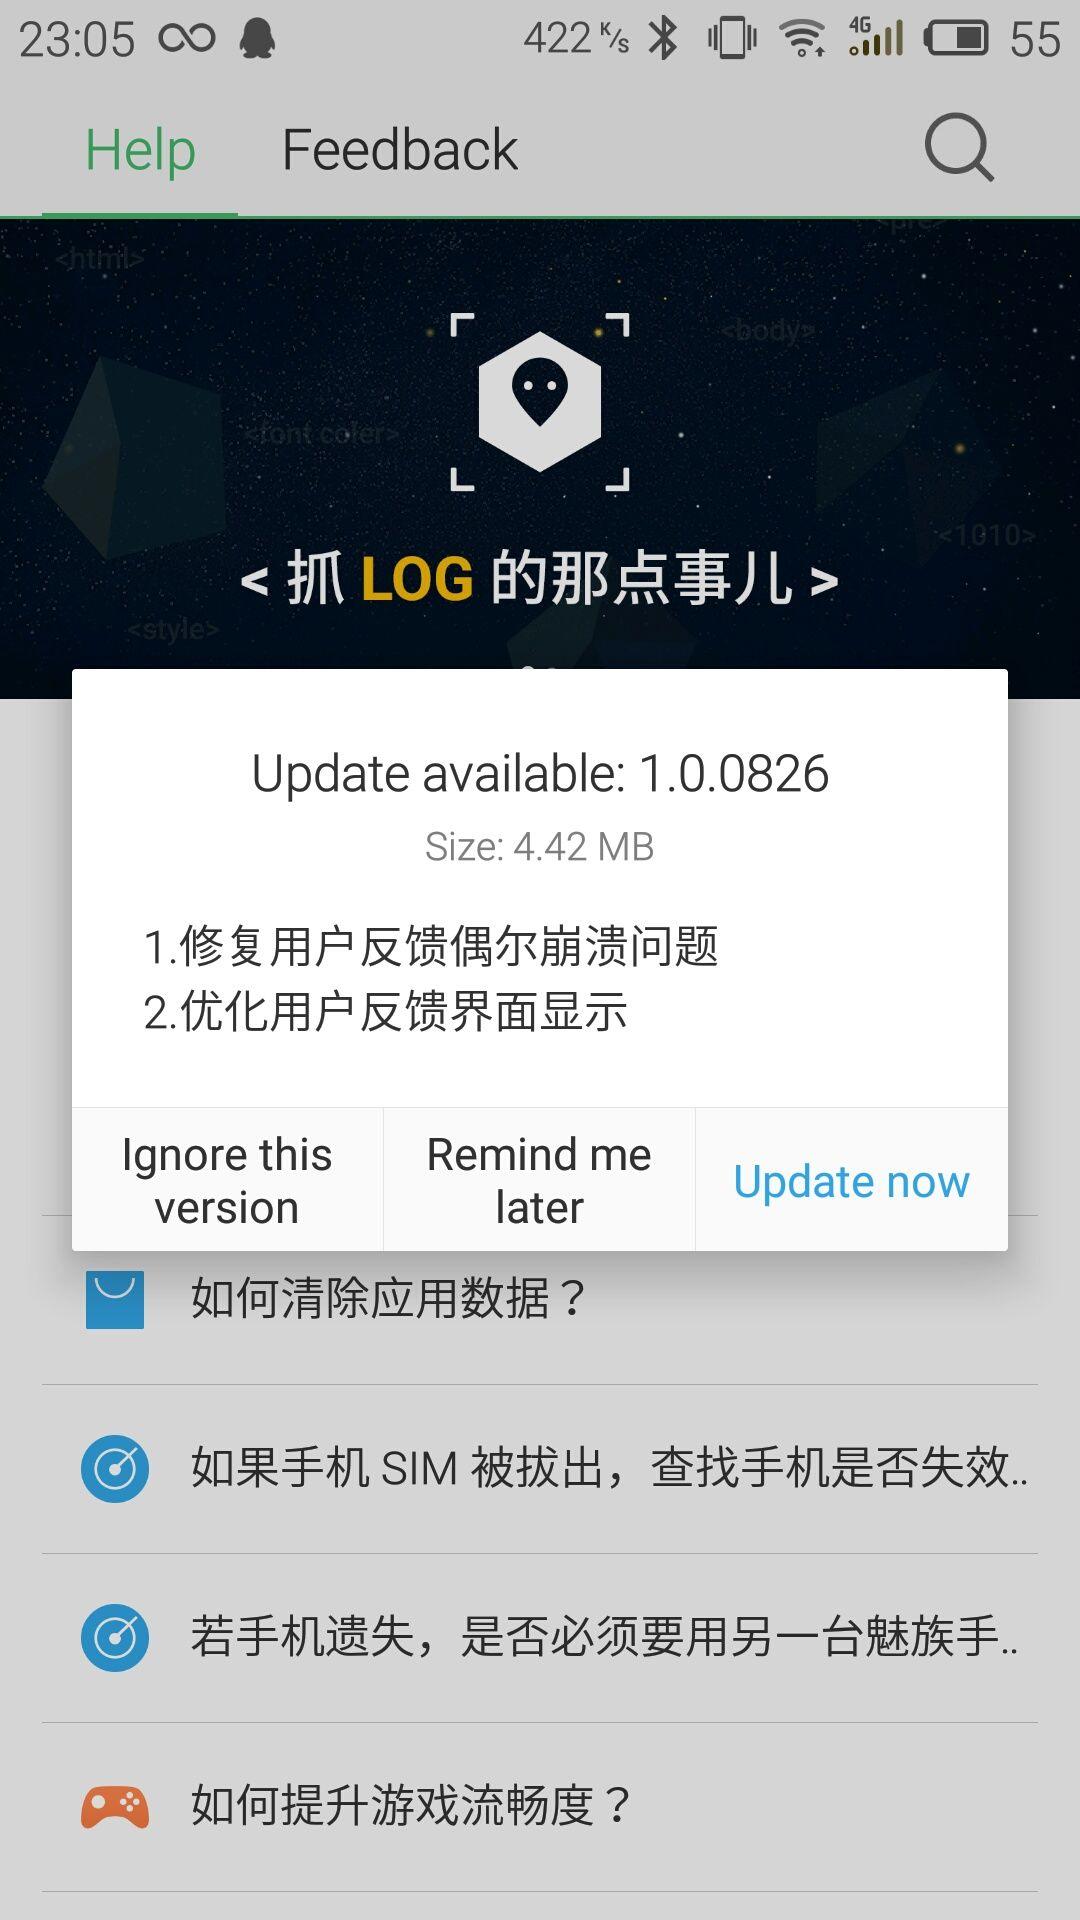 Feedbackアプリが1.0.0826へアップデート。様々なクラッシュ問題を対処。